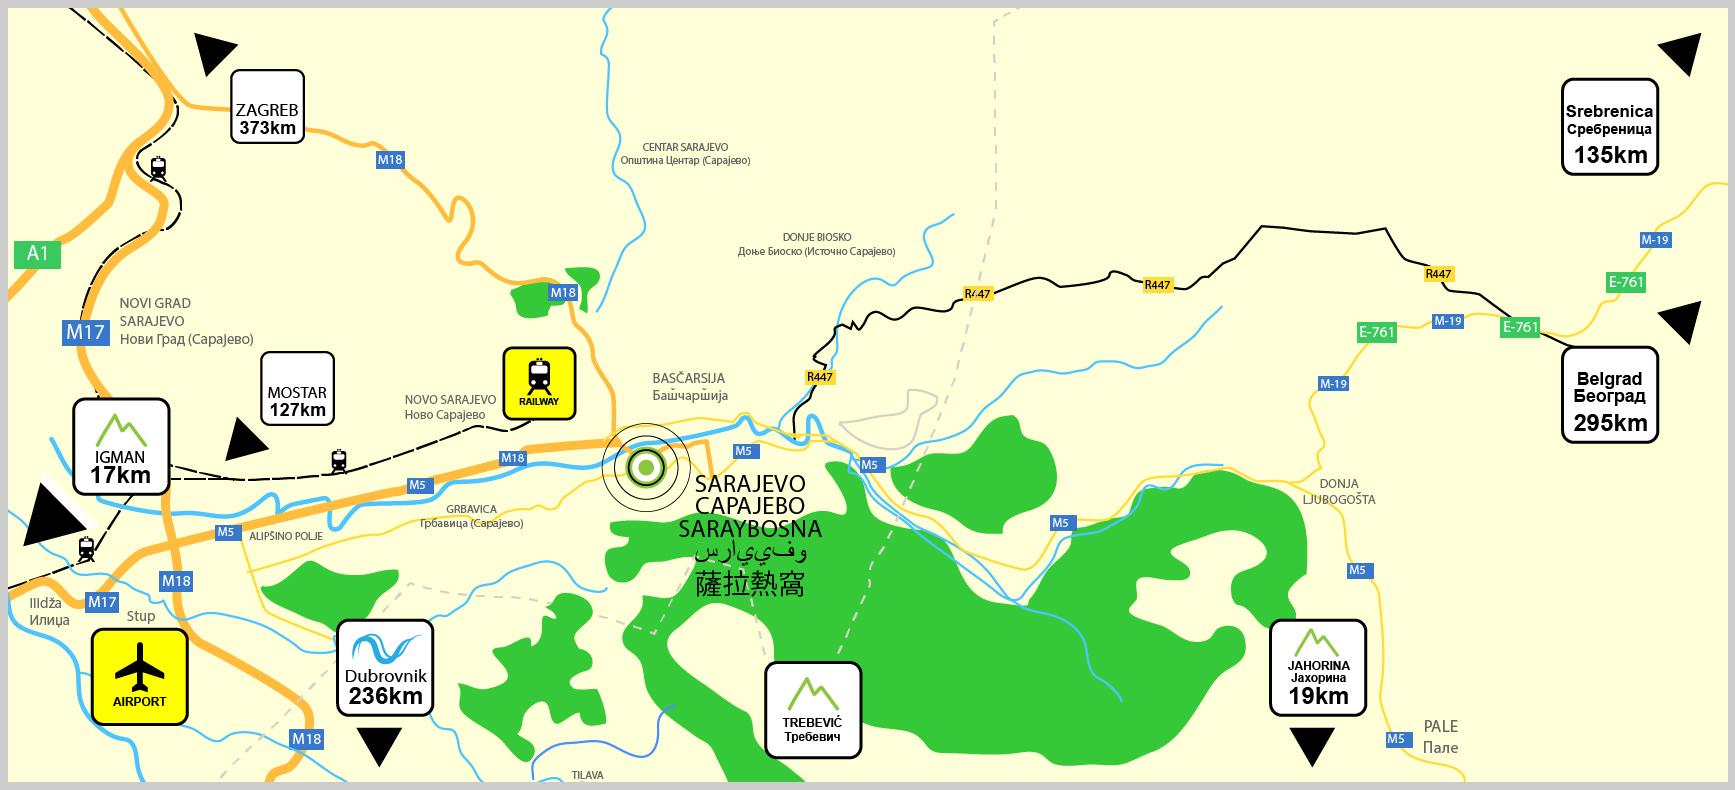 LOCATION SarajevoApartments - Where is sarajevo